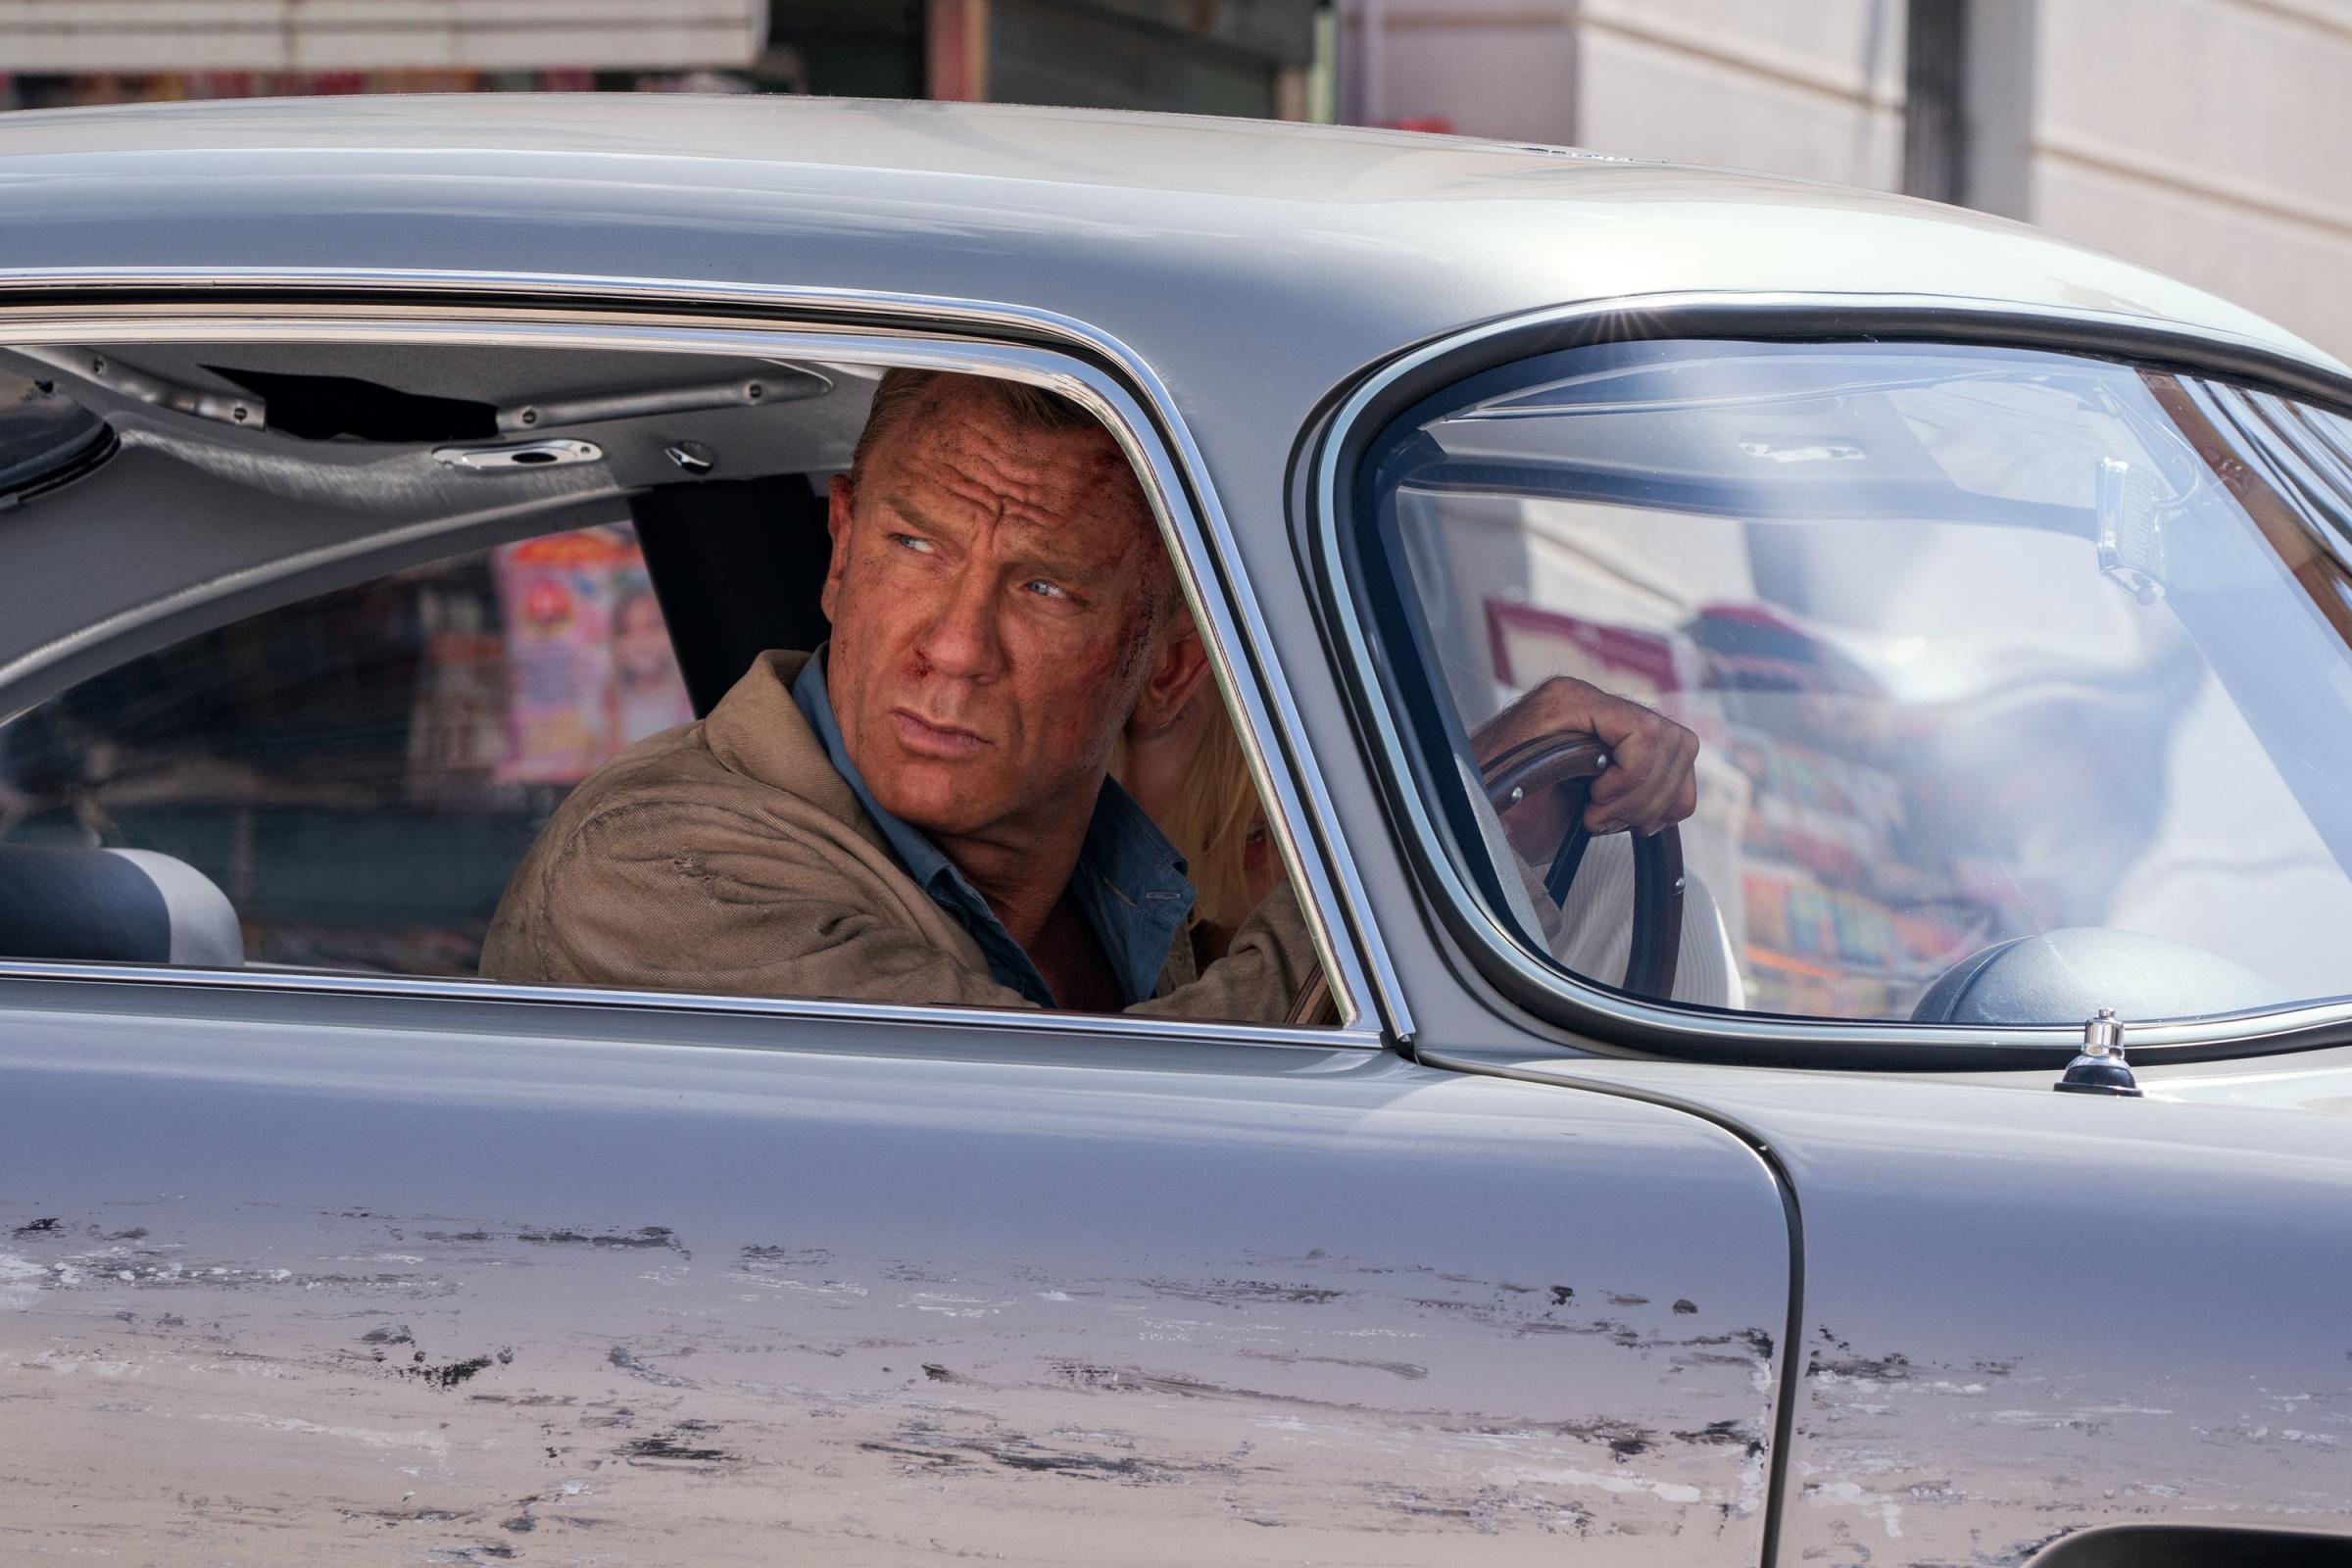 Separarse de James Bond rara vez es una pena dulce: lea nuestra reseña de No Time To Die